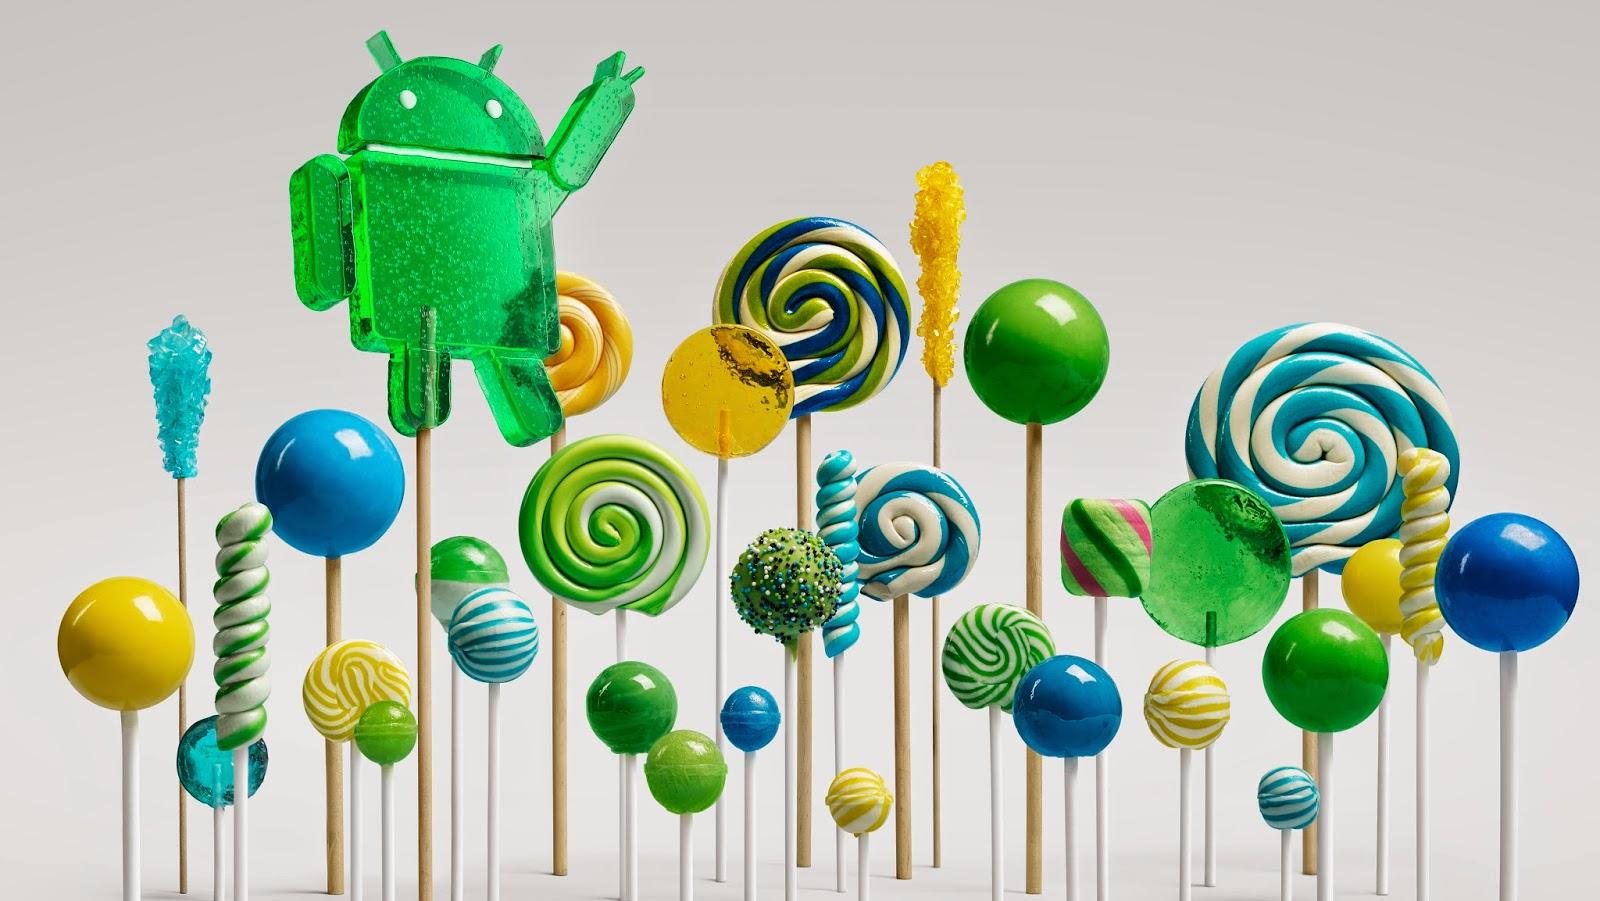 Quand est-ce que vous pourrez enfin avoir Android 5.0 sur votre smartphone ?